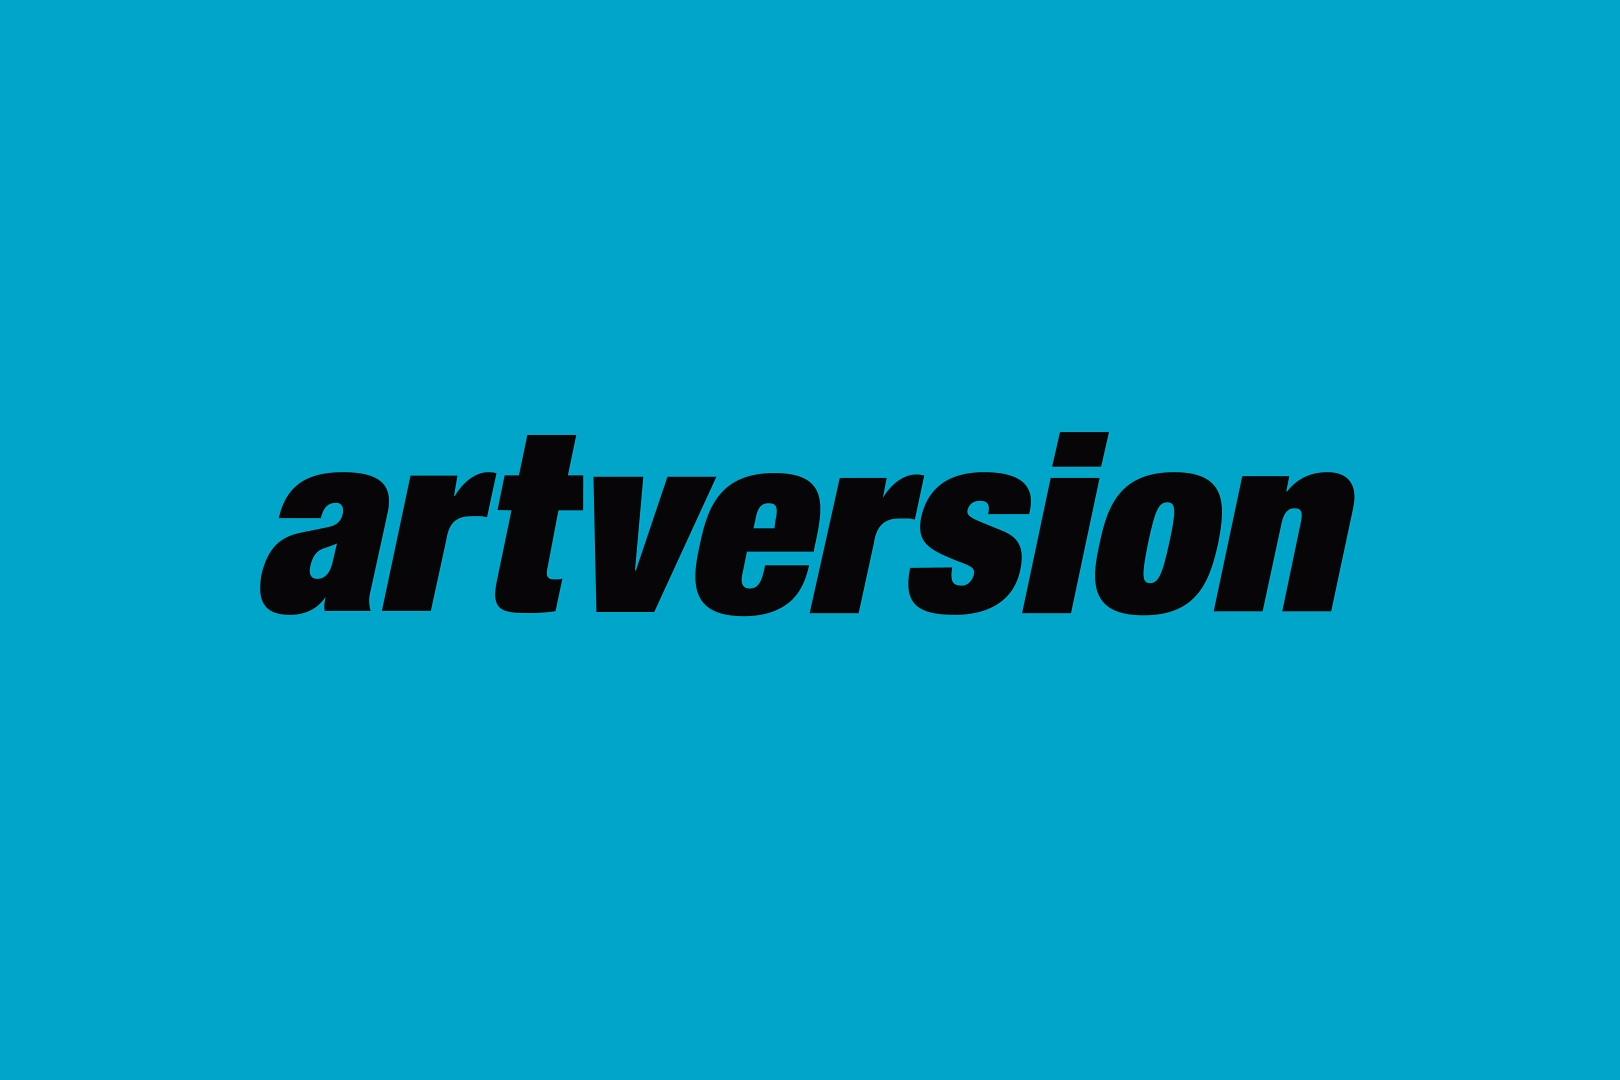 TransUnion: Healthcare and insurance market segment campaign development